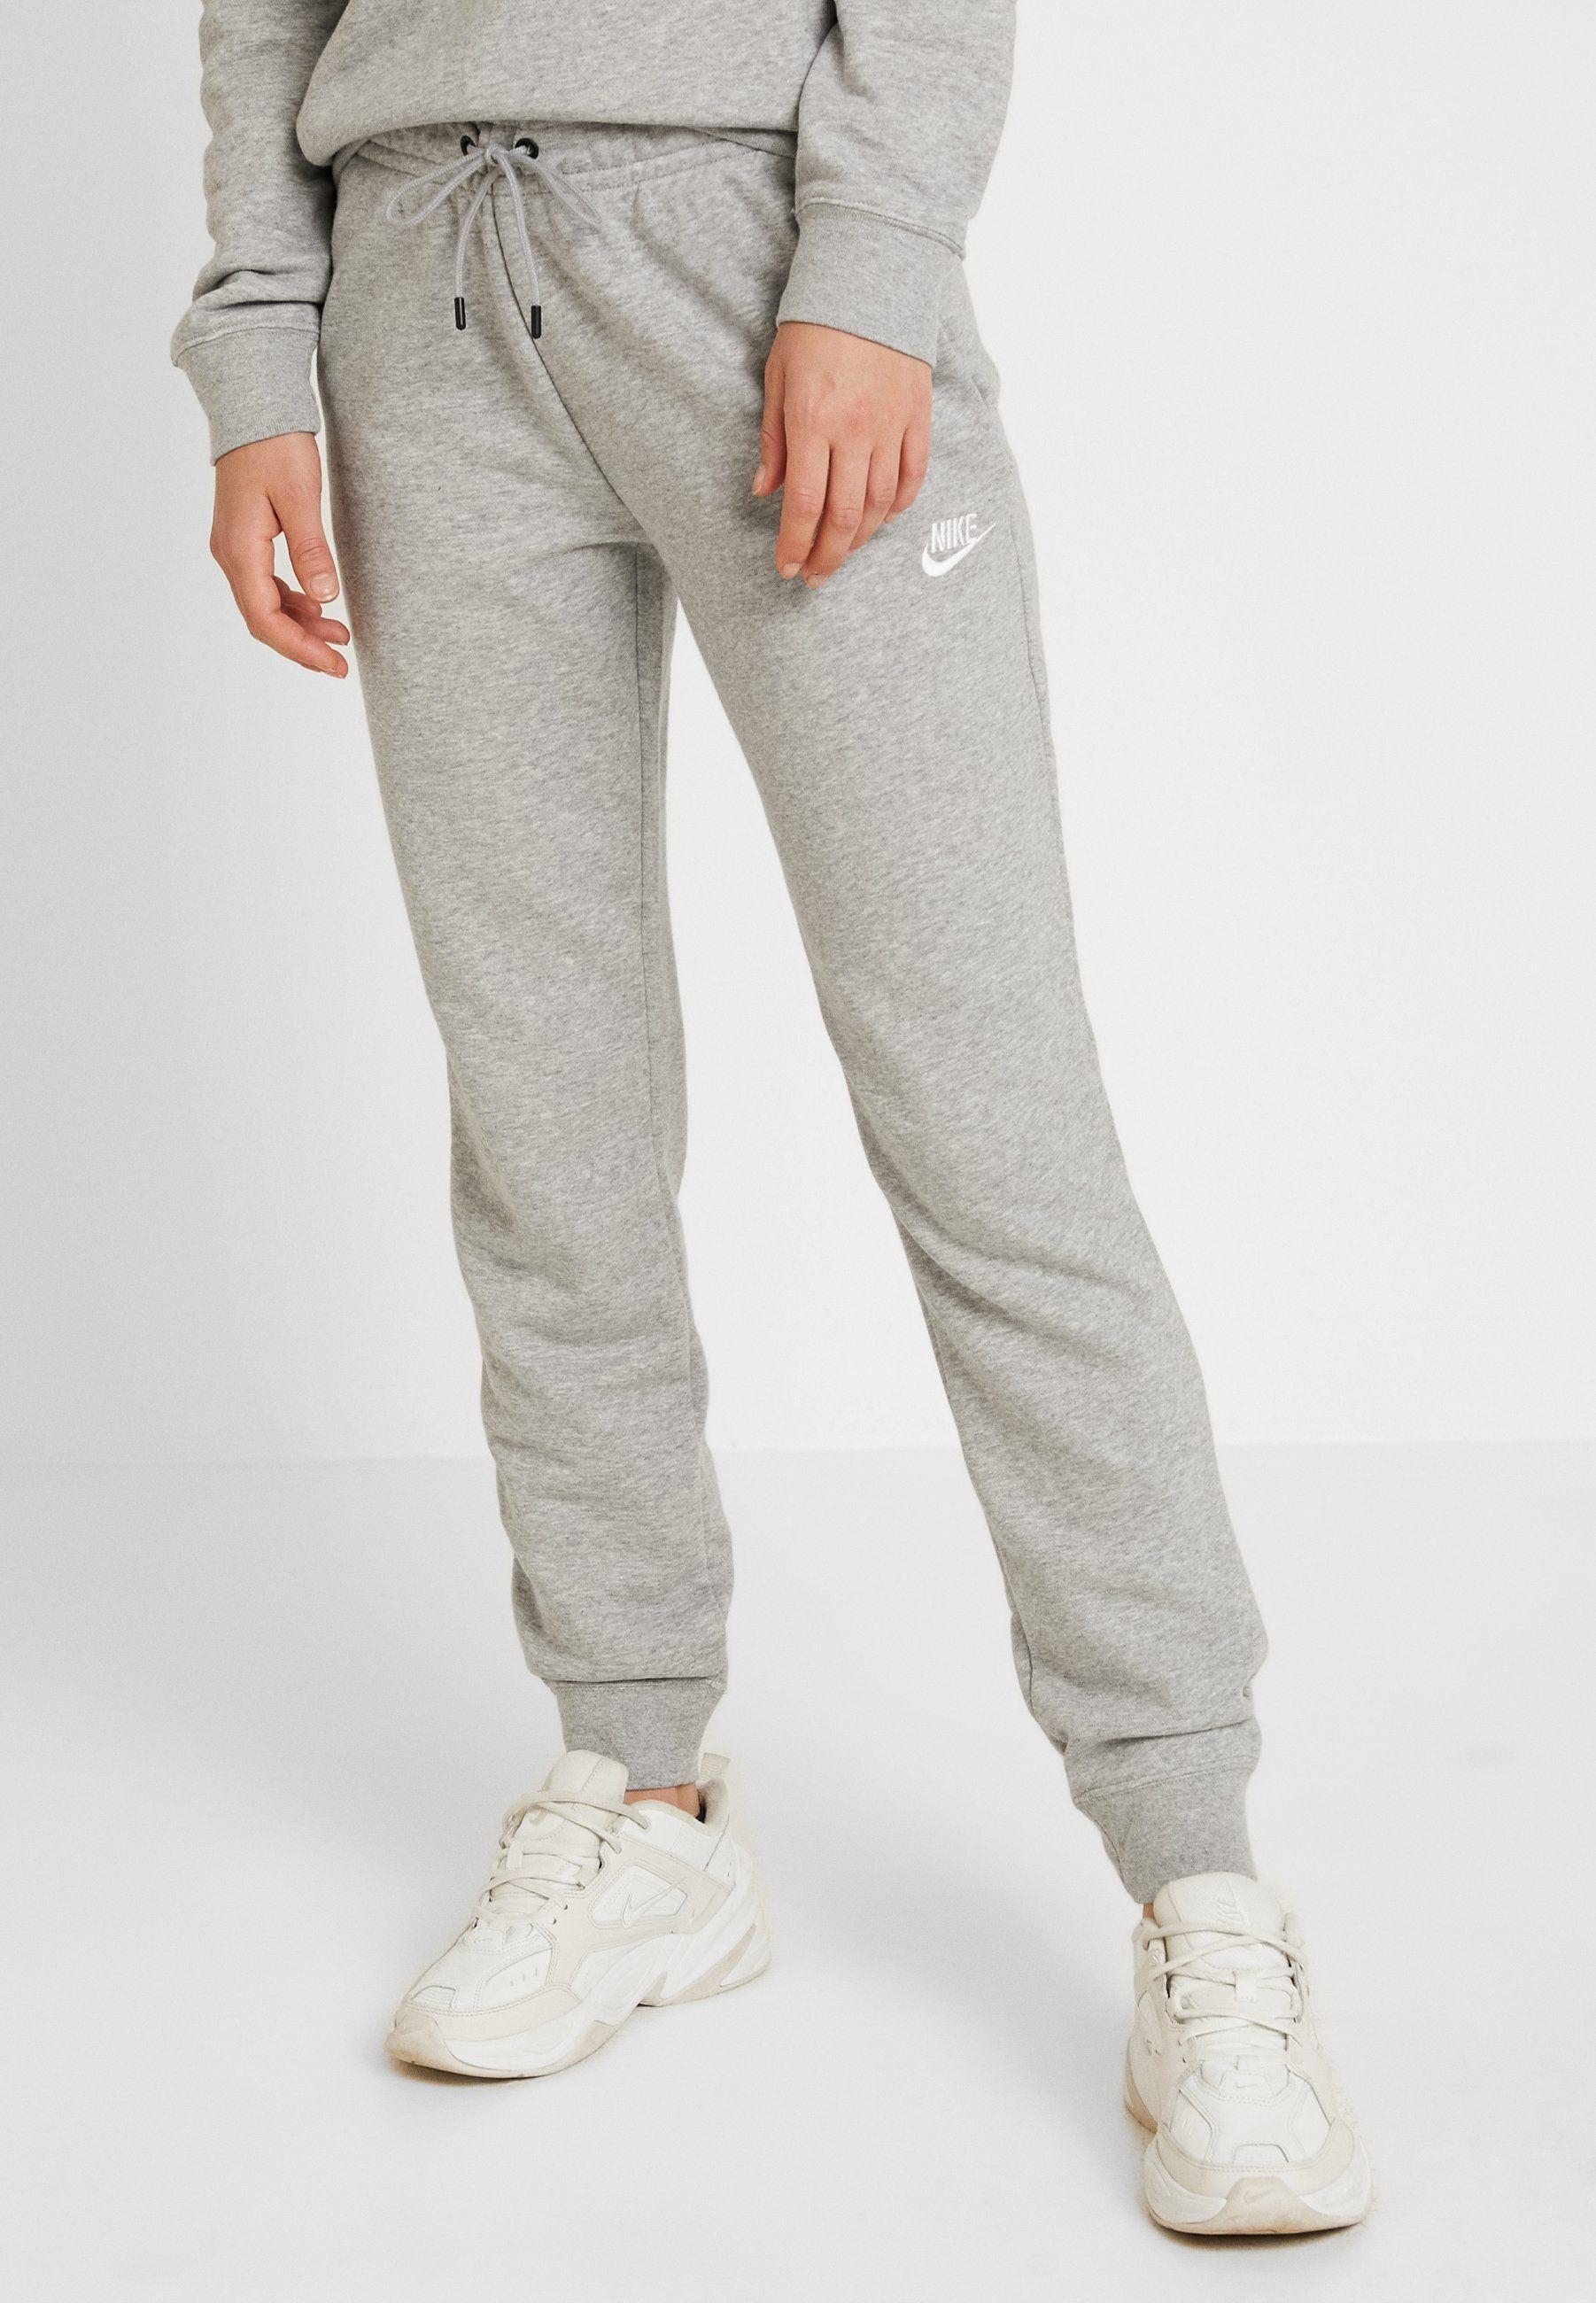 Joggebukse Fra Nike Str S Gjerne Lysgrå Hvit Eller Svart Nike Women Sweatpants Grey Sportswear Grey Nike Joggers